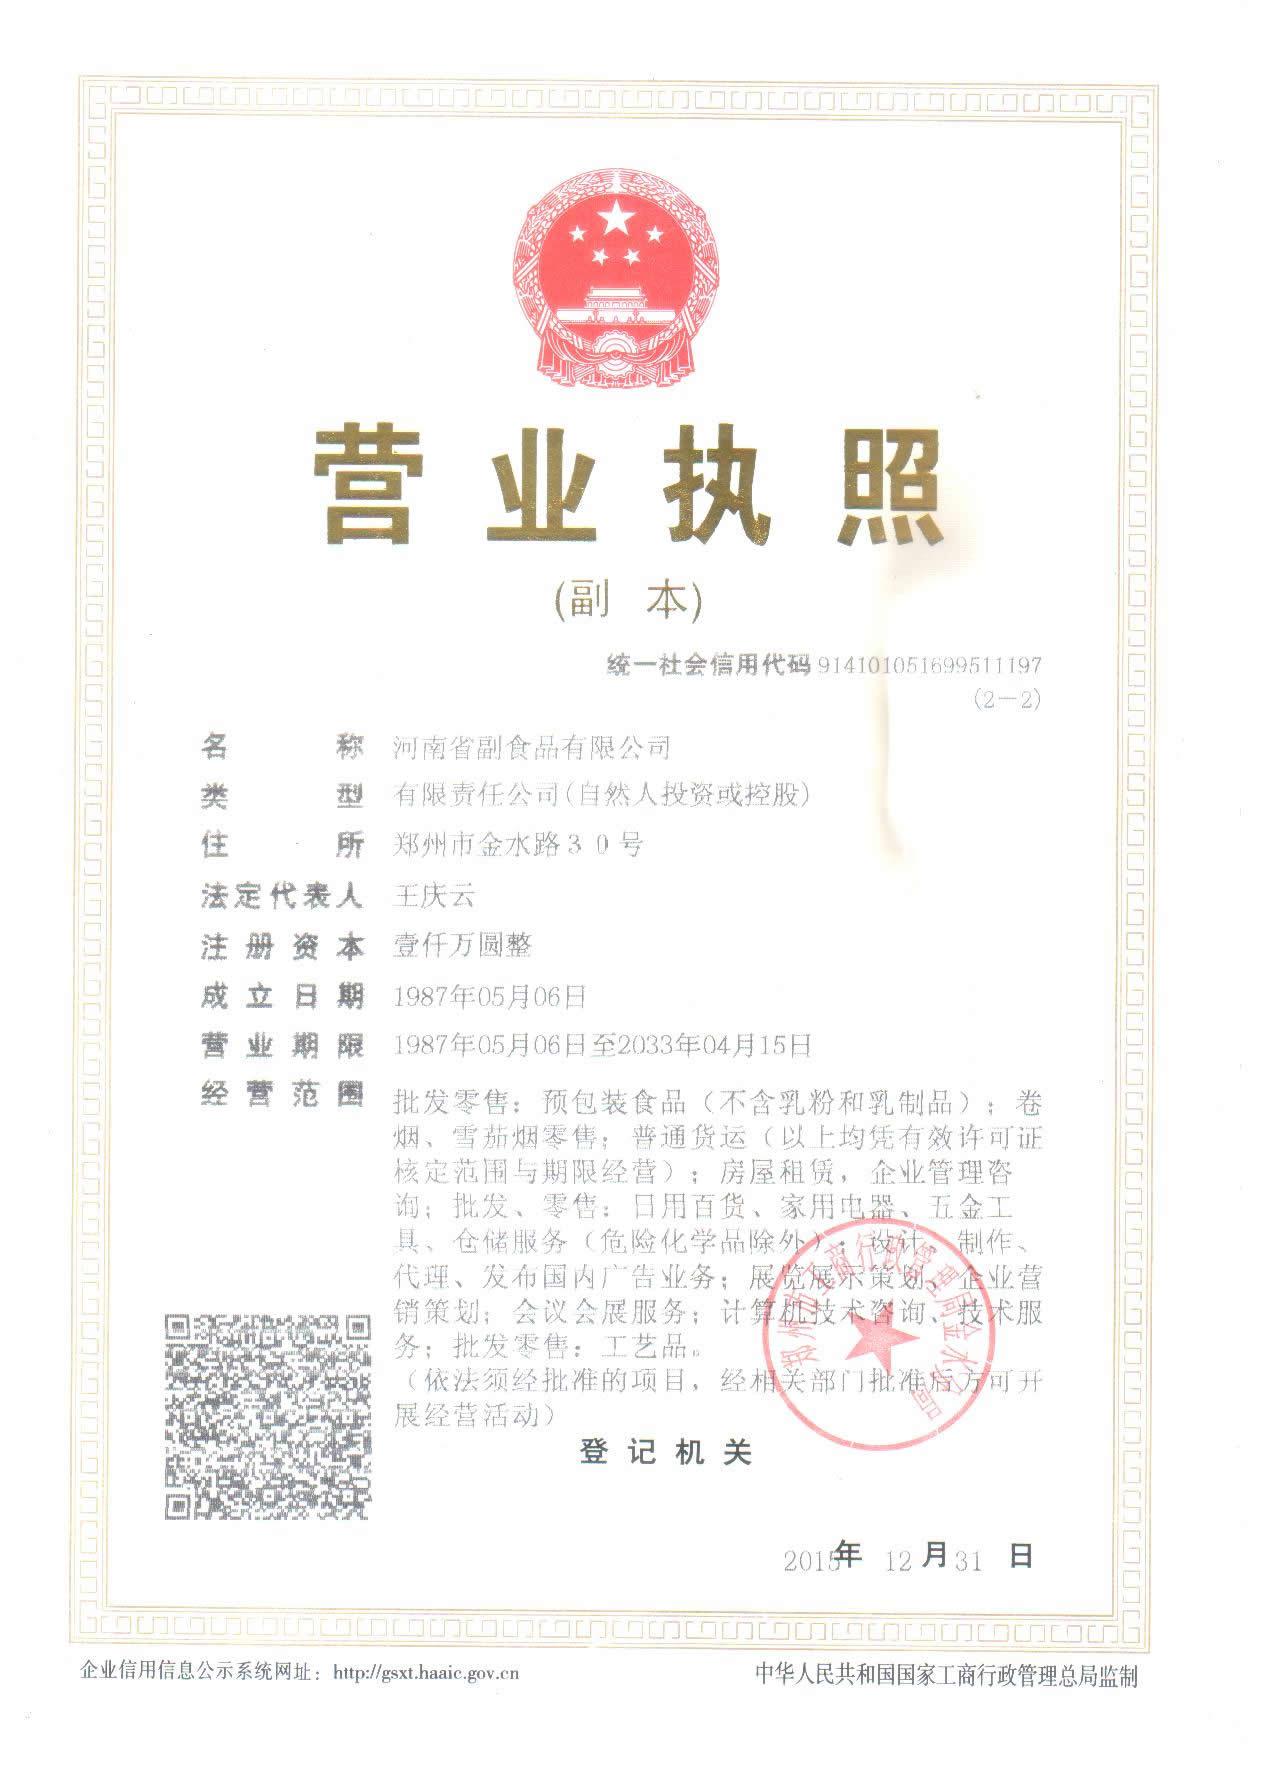 河南省副食品有限公司營業執照